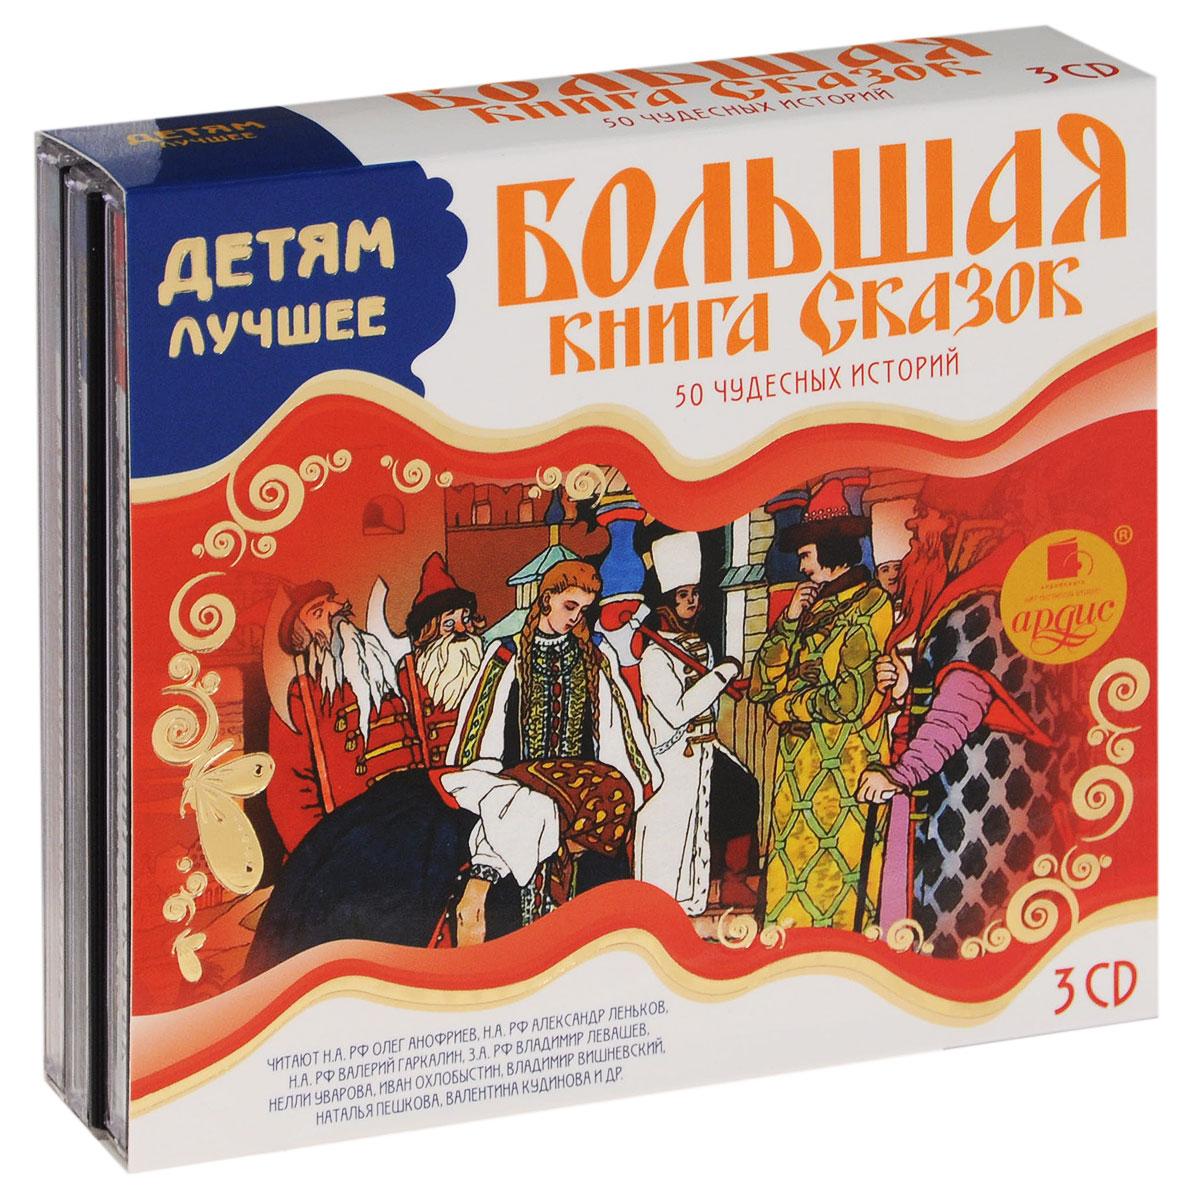 Большая книга сказок (комплект из 3 аудиокниг MP3 на 3 CD)